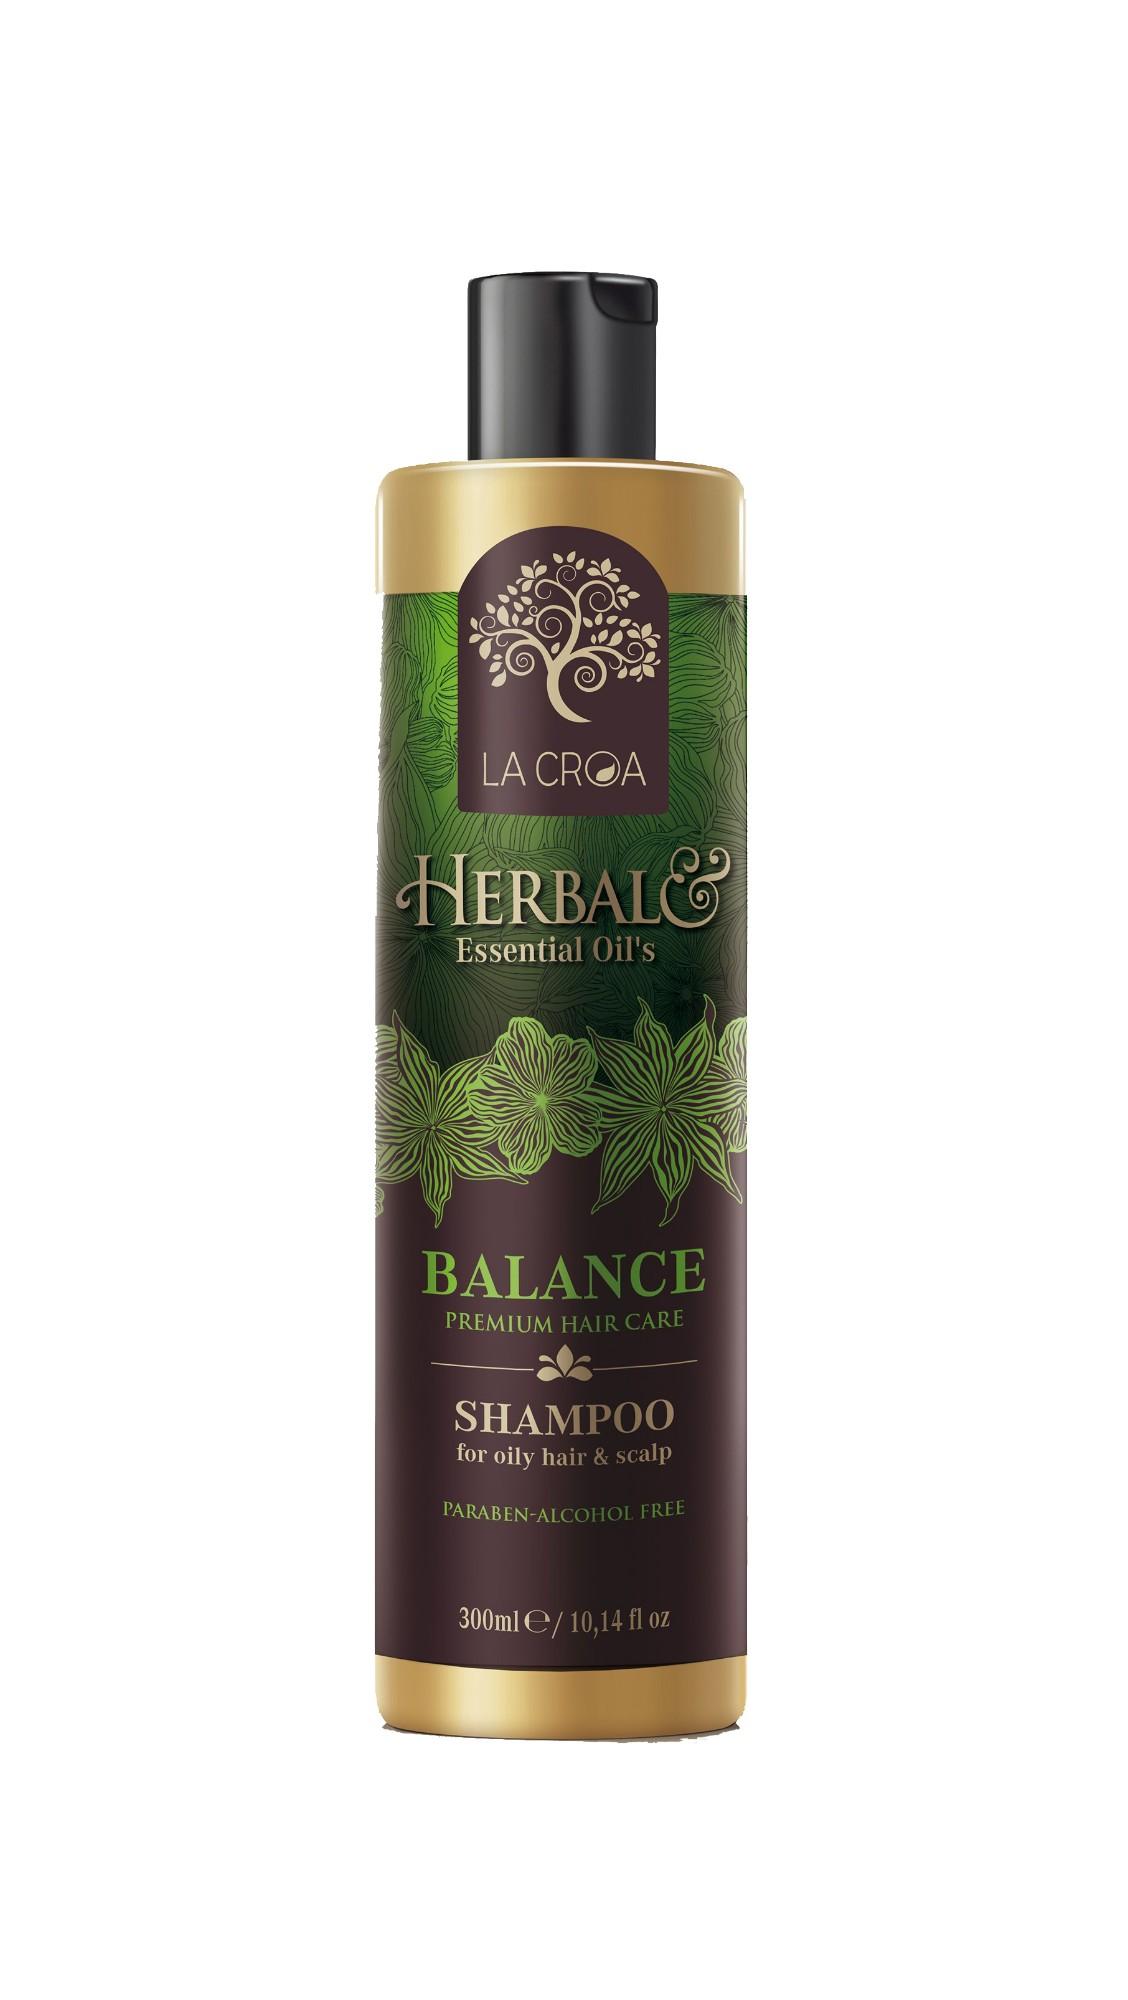 Šampūnas LA CROA HERBAL BALANCE riebiai galvos odai ir plaukams, 300 ml